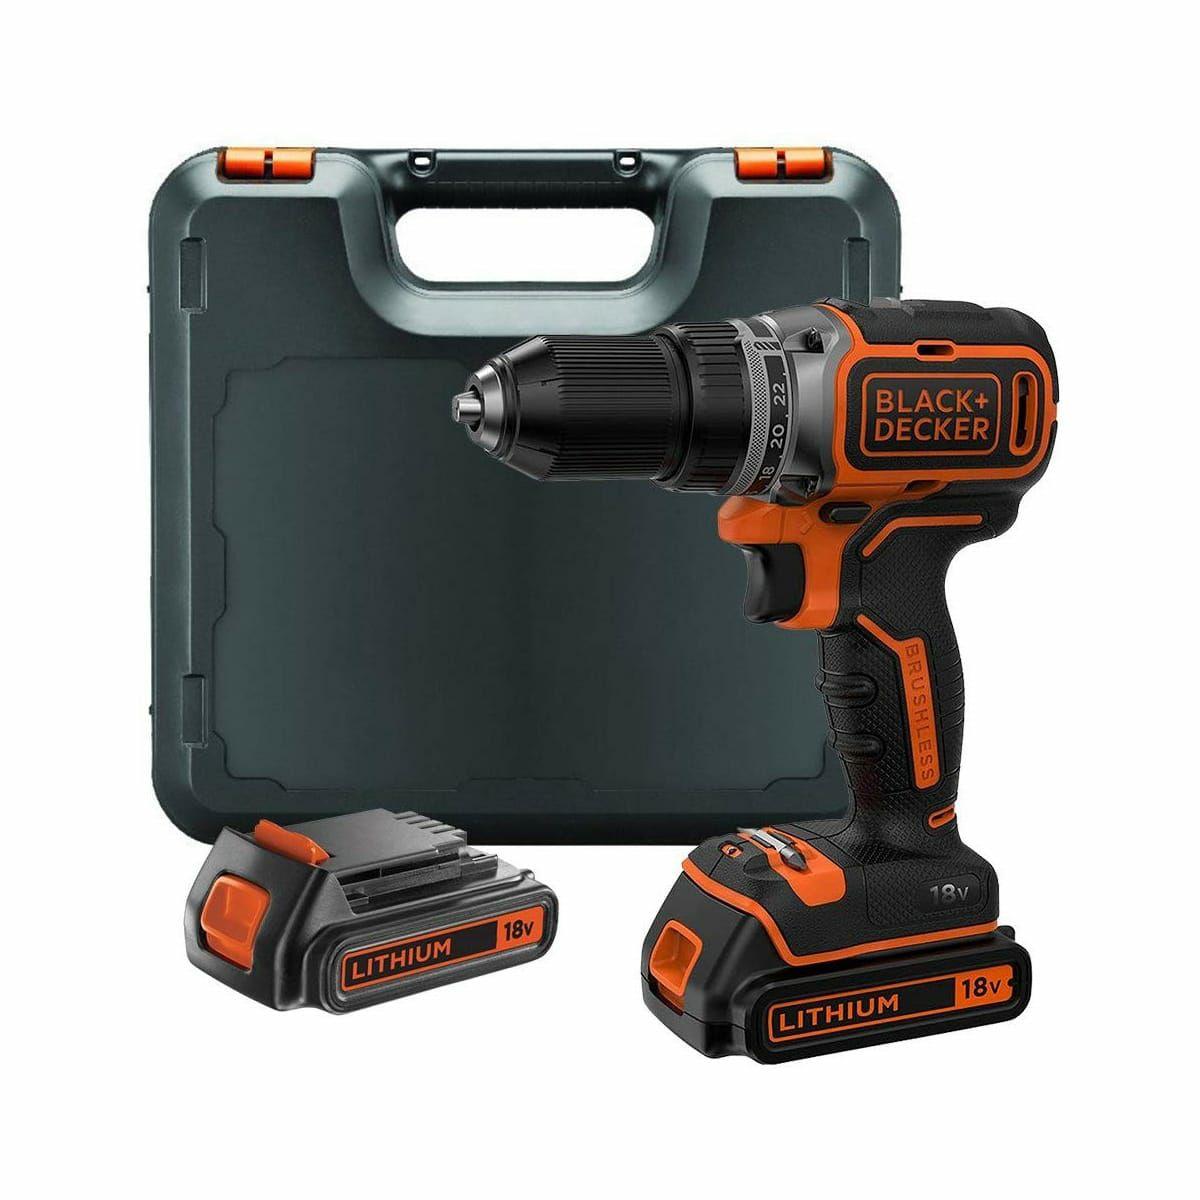 Perceuse visseuse brushless 18V Black+Decker BL188 + 2 batteries 2Ah + boîte rangement